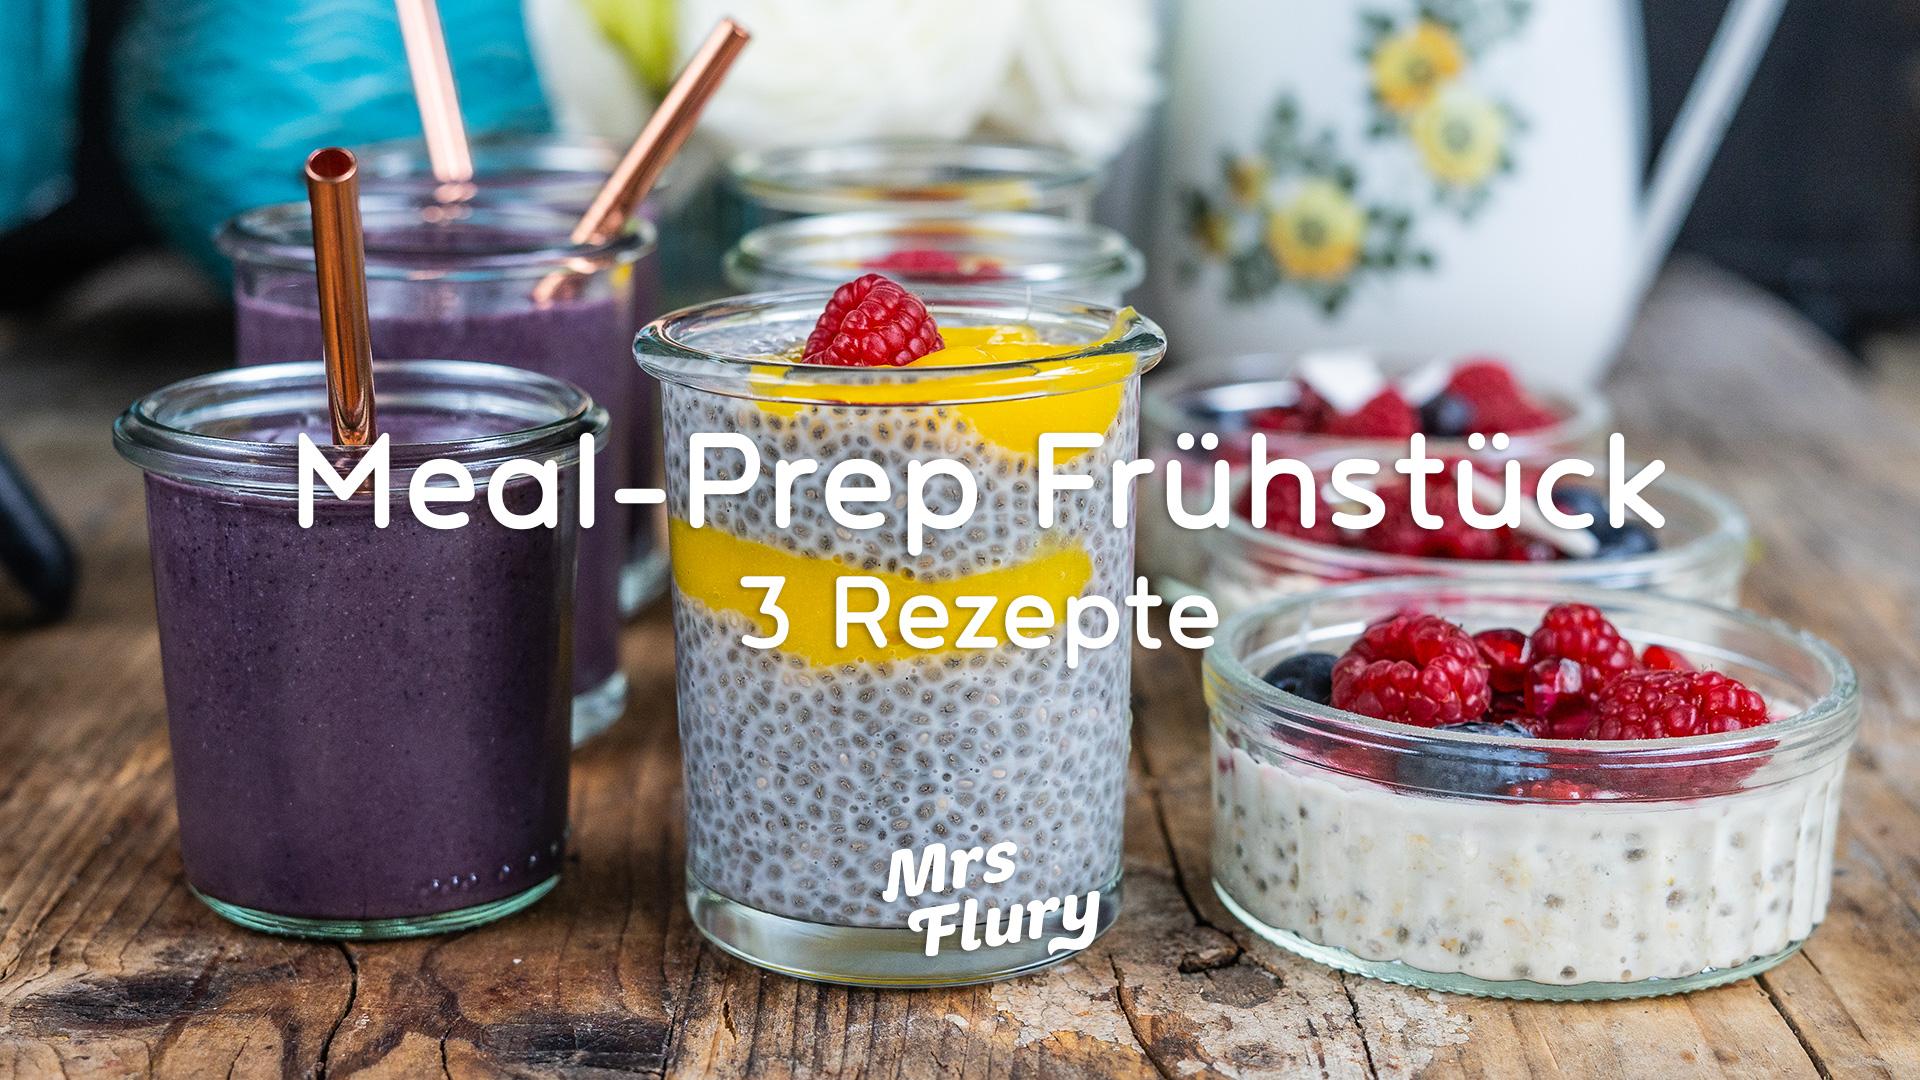 Meal Prep Frühstück - 3 Gesunde Rezepte zum Vorbereiten Mrs Flury